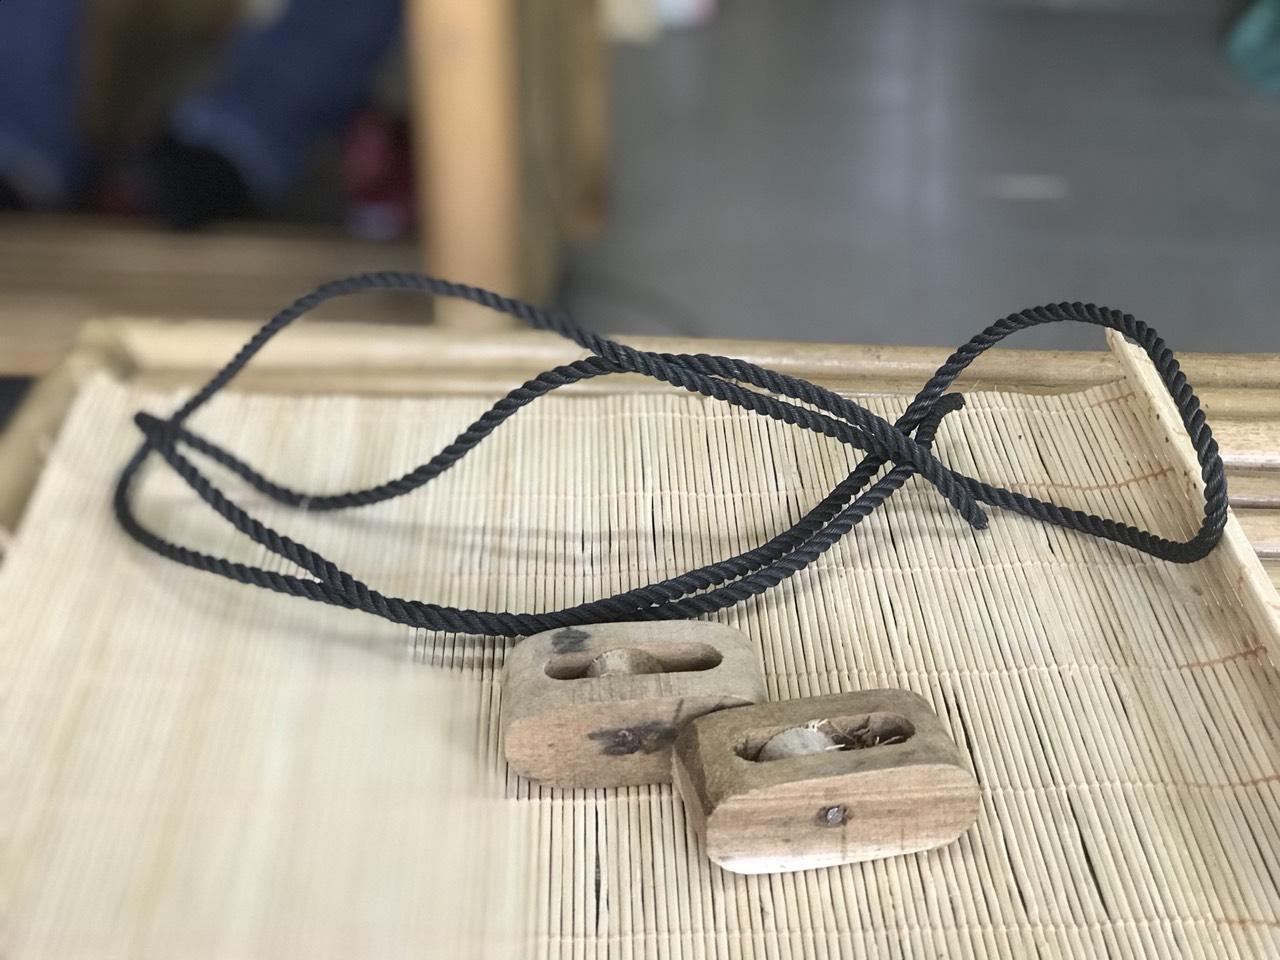 Ròng rọc gỗ và dây kéo mành